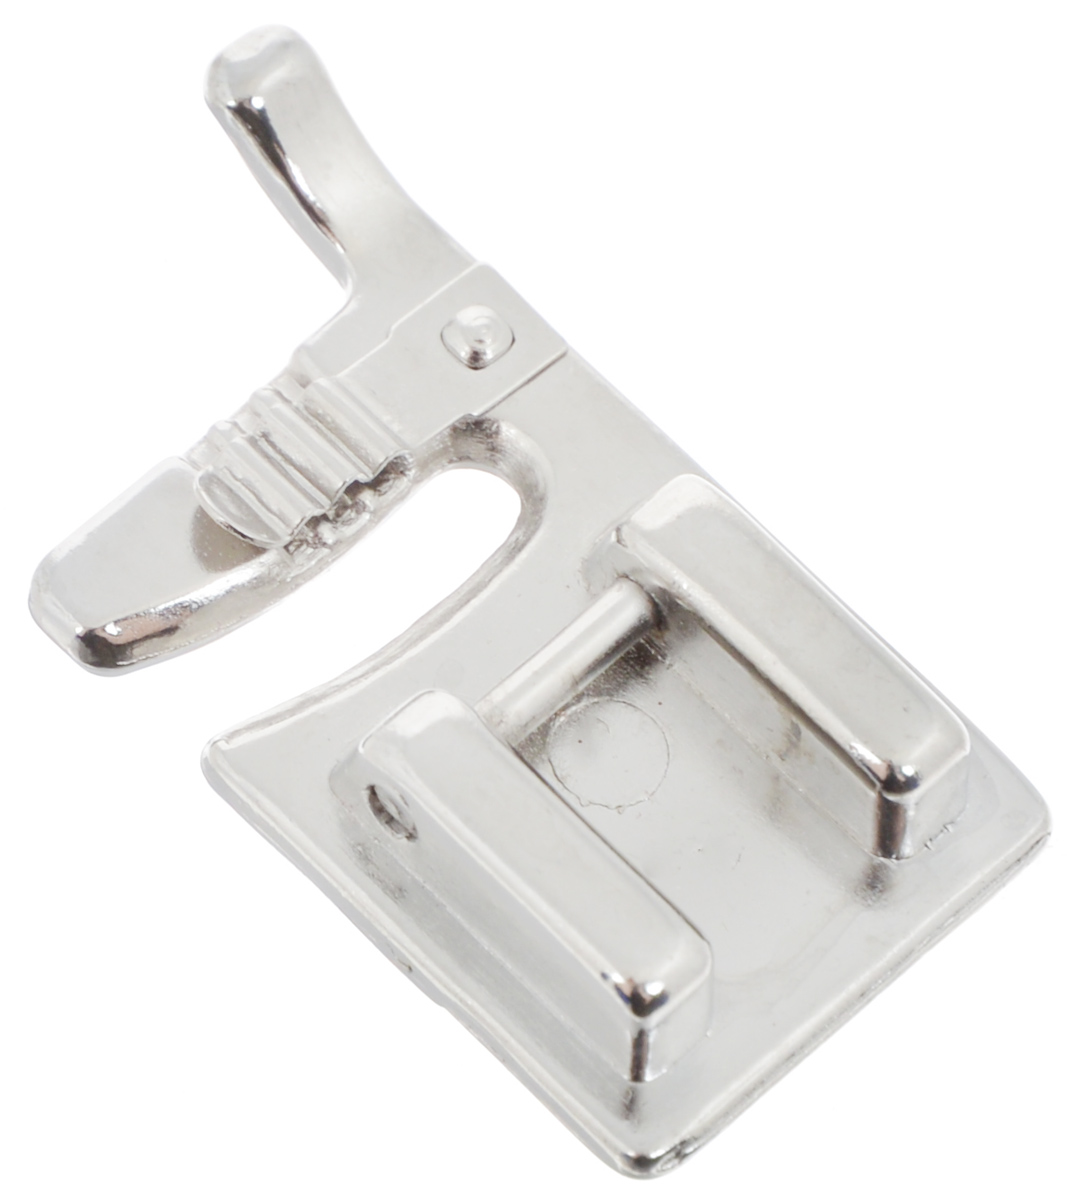 Лапка для швейной машины Aurora, для пришивания декоративных шнуровFTN 33Лапка для швейной машины Aurora используется для вшивания декоративных шнуров, нитей. Подходит для большинства современных бытовых швейных машин. Инструкция по использованию прилагается.